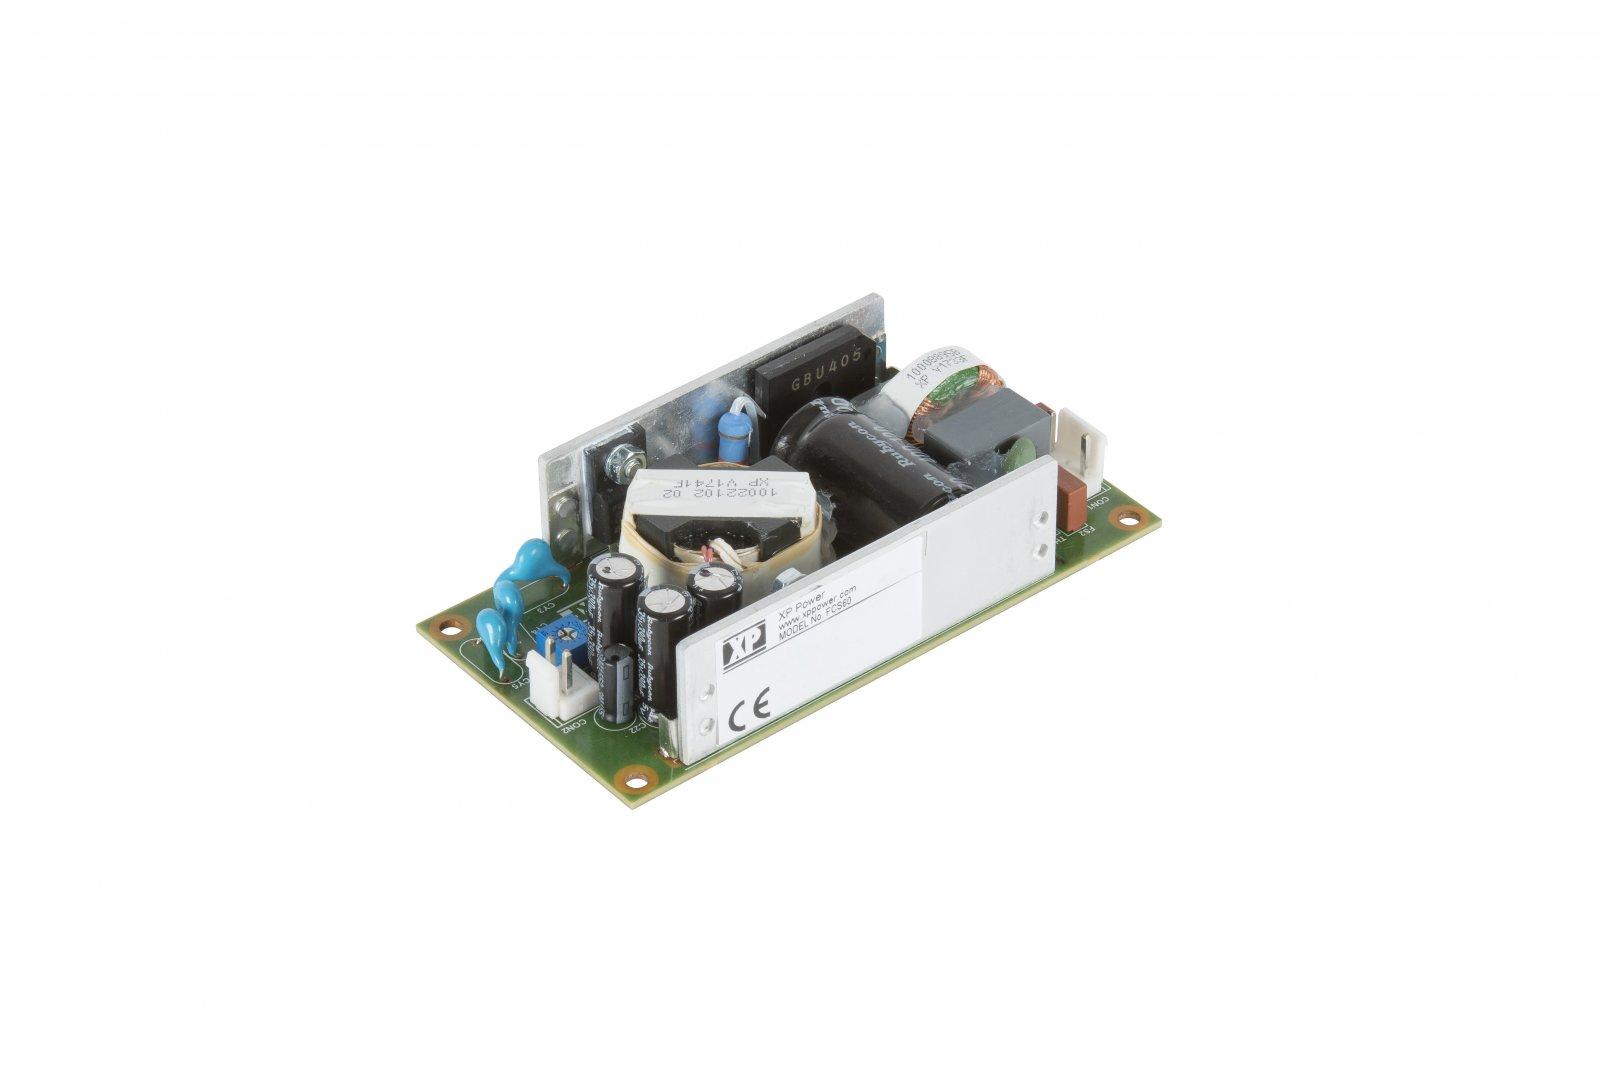 40/60-Вт AC/DC для применения в ИТ и медицинской аппаратуре